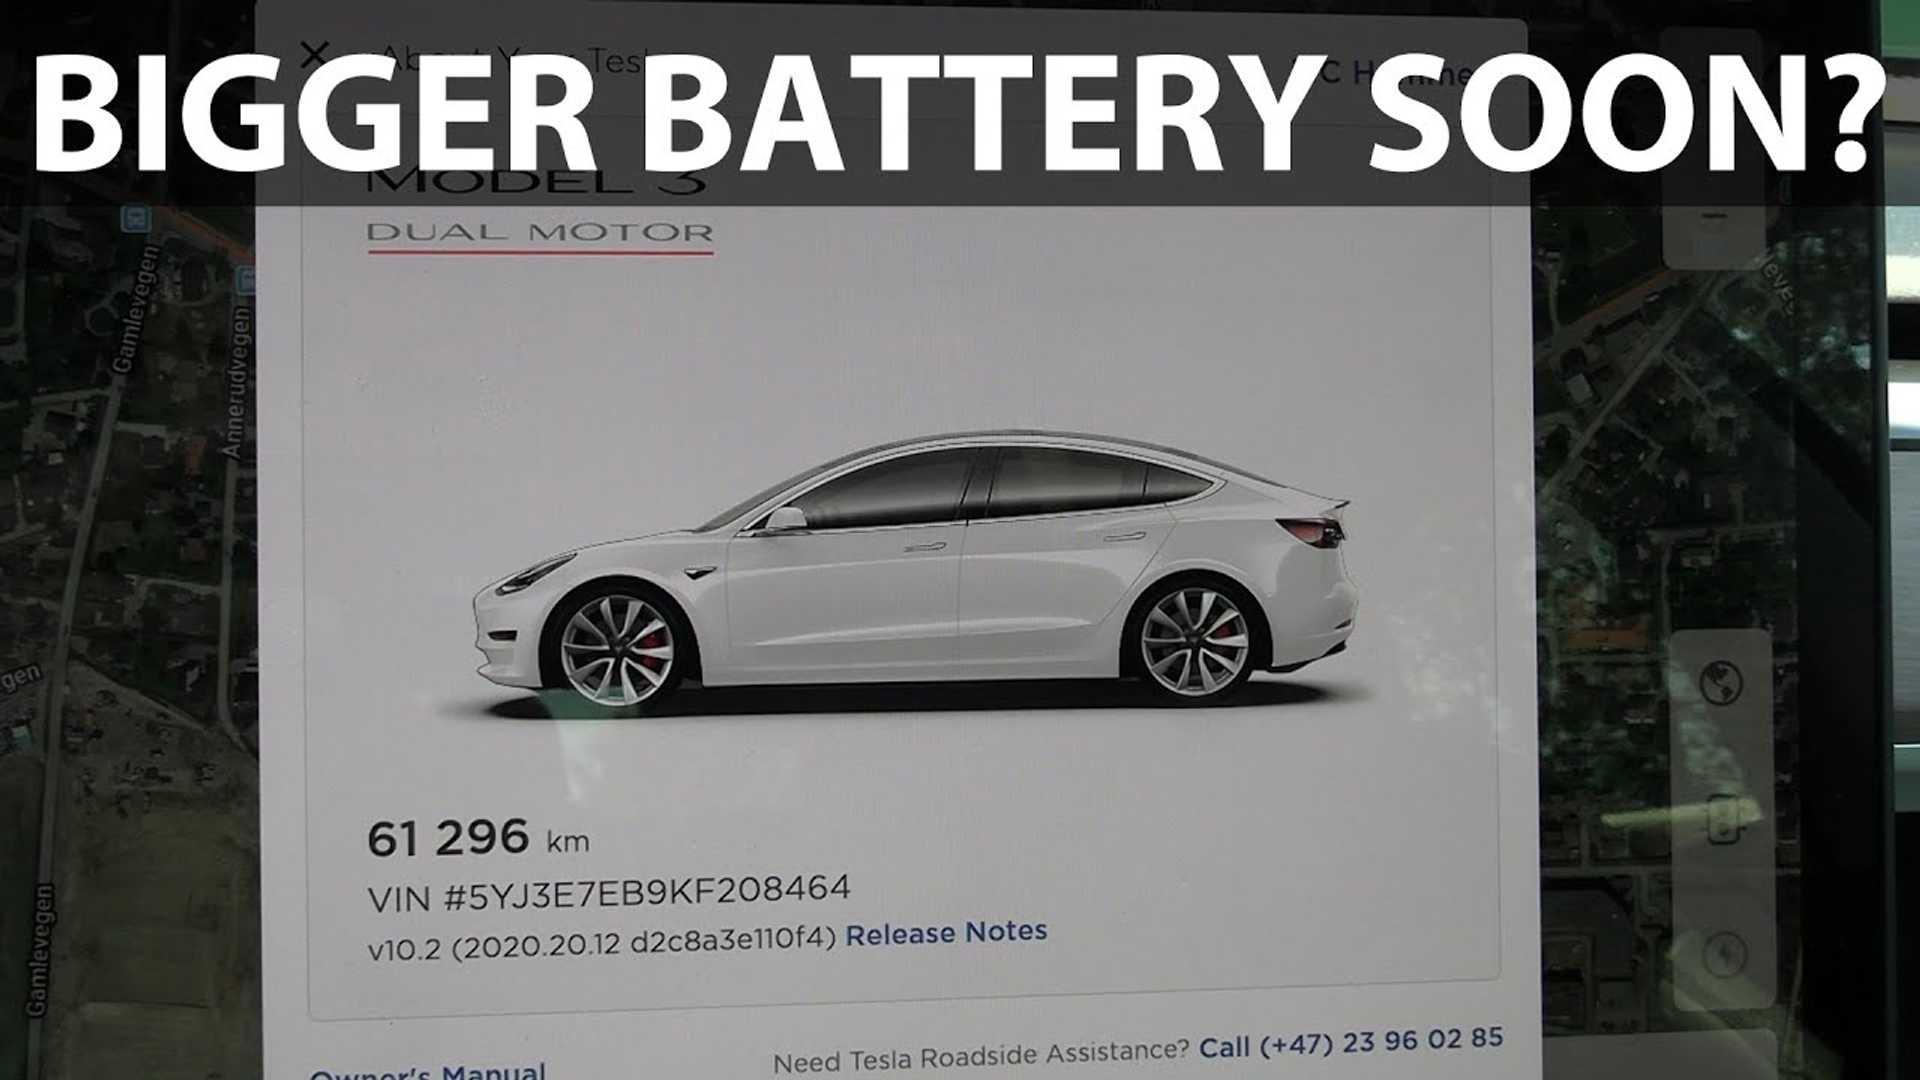 Сообщается, что Tesla увеличивает максимальный размер батареи до 205 кВтч в программном обеспечении